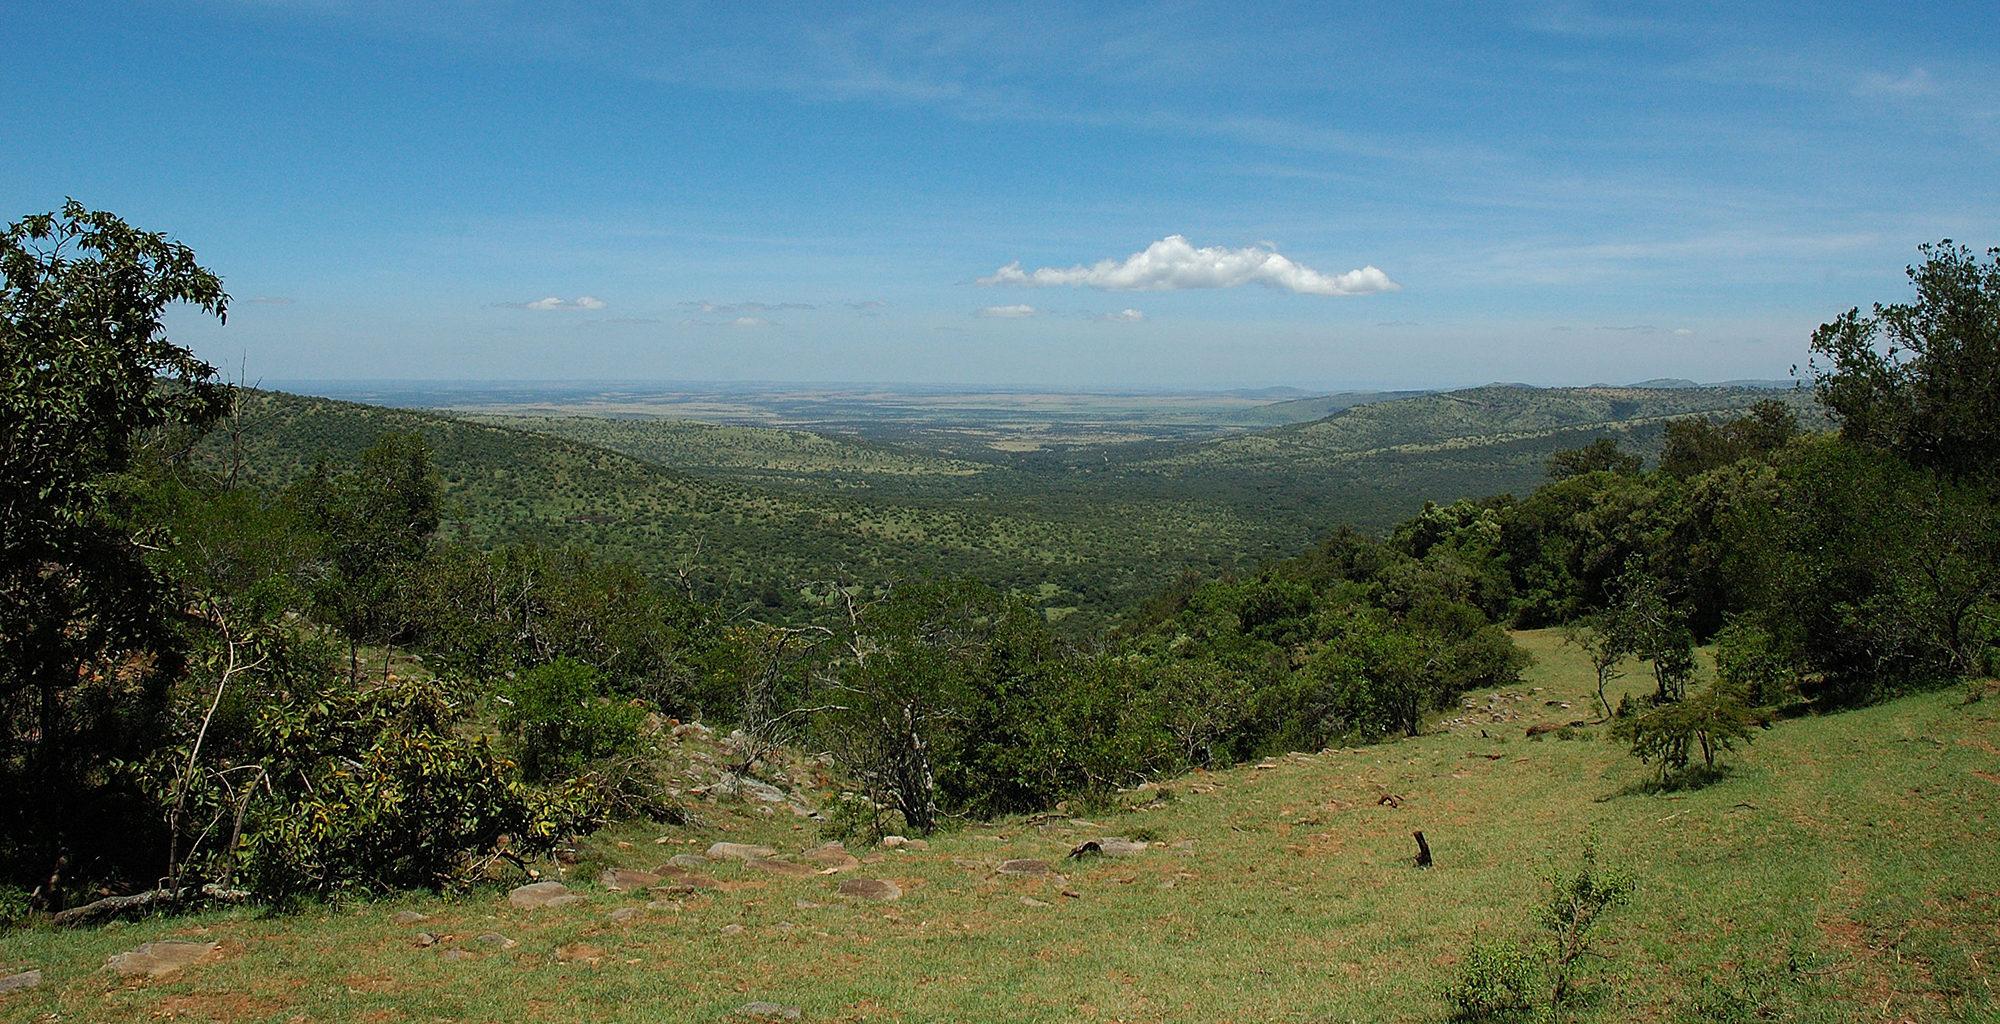 Tanzania-Loliondo-Serengeti-Landscape